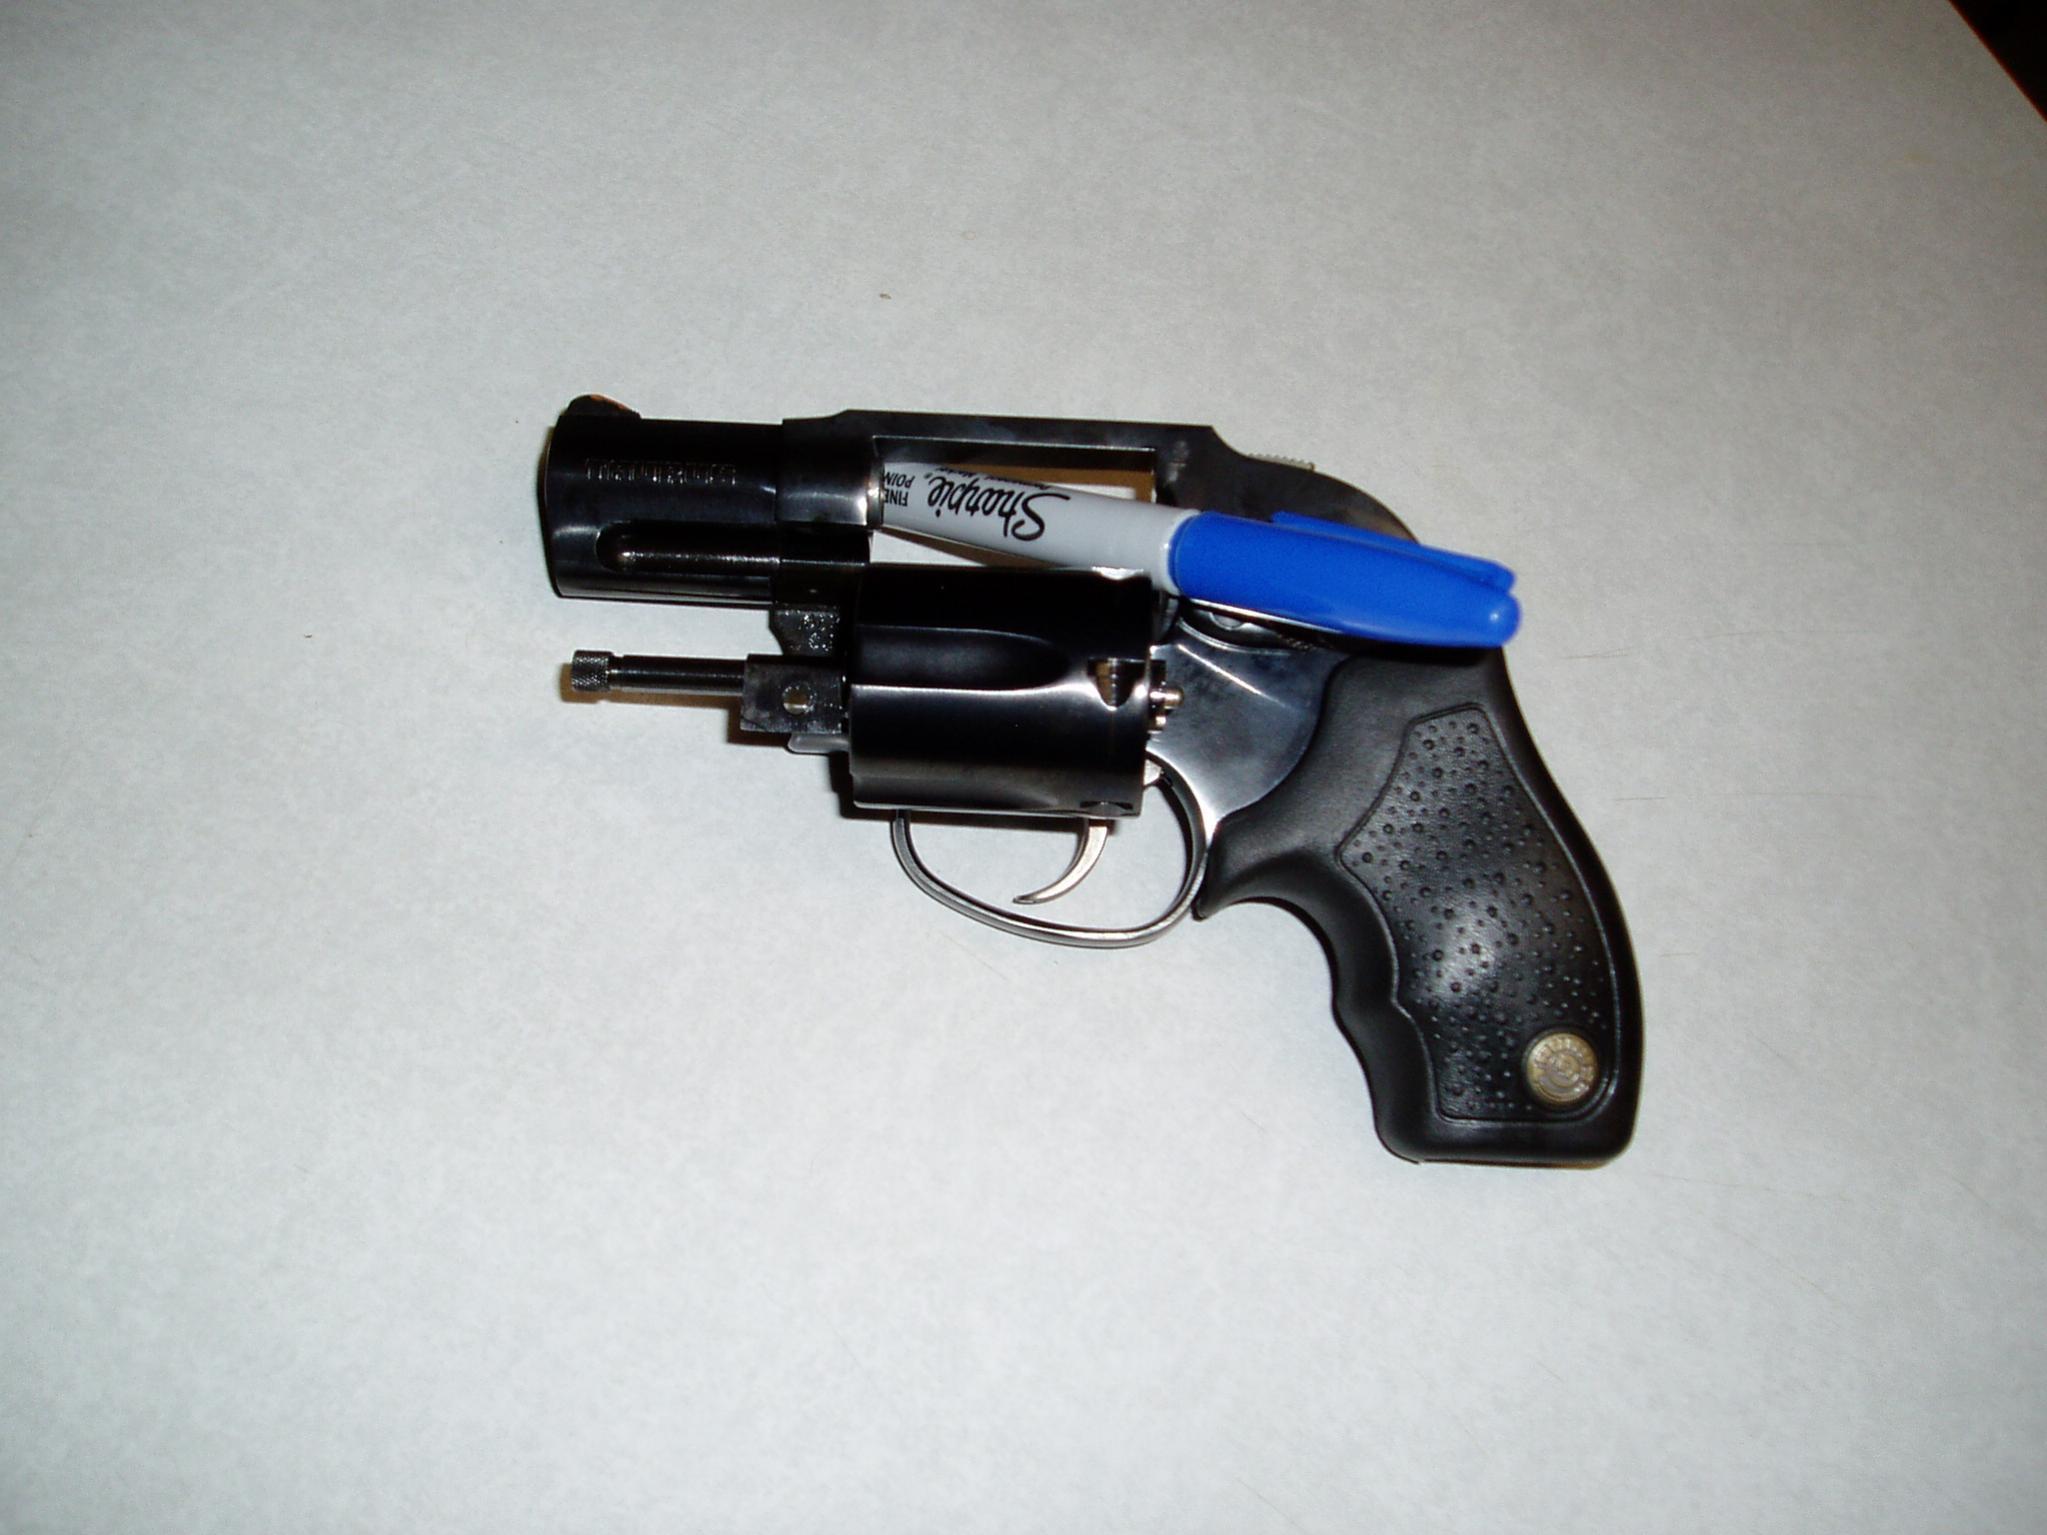 Taurus model 651-guns-003.jpg